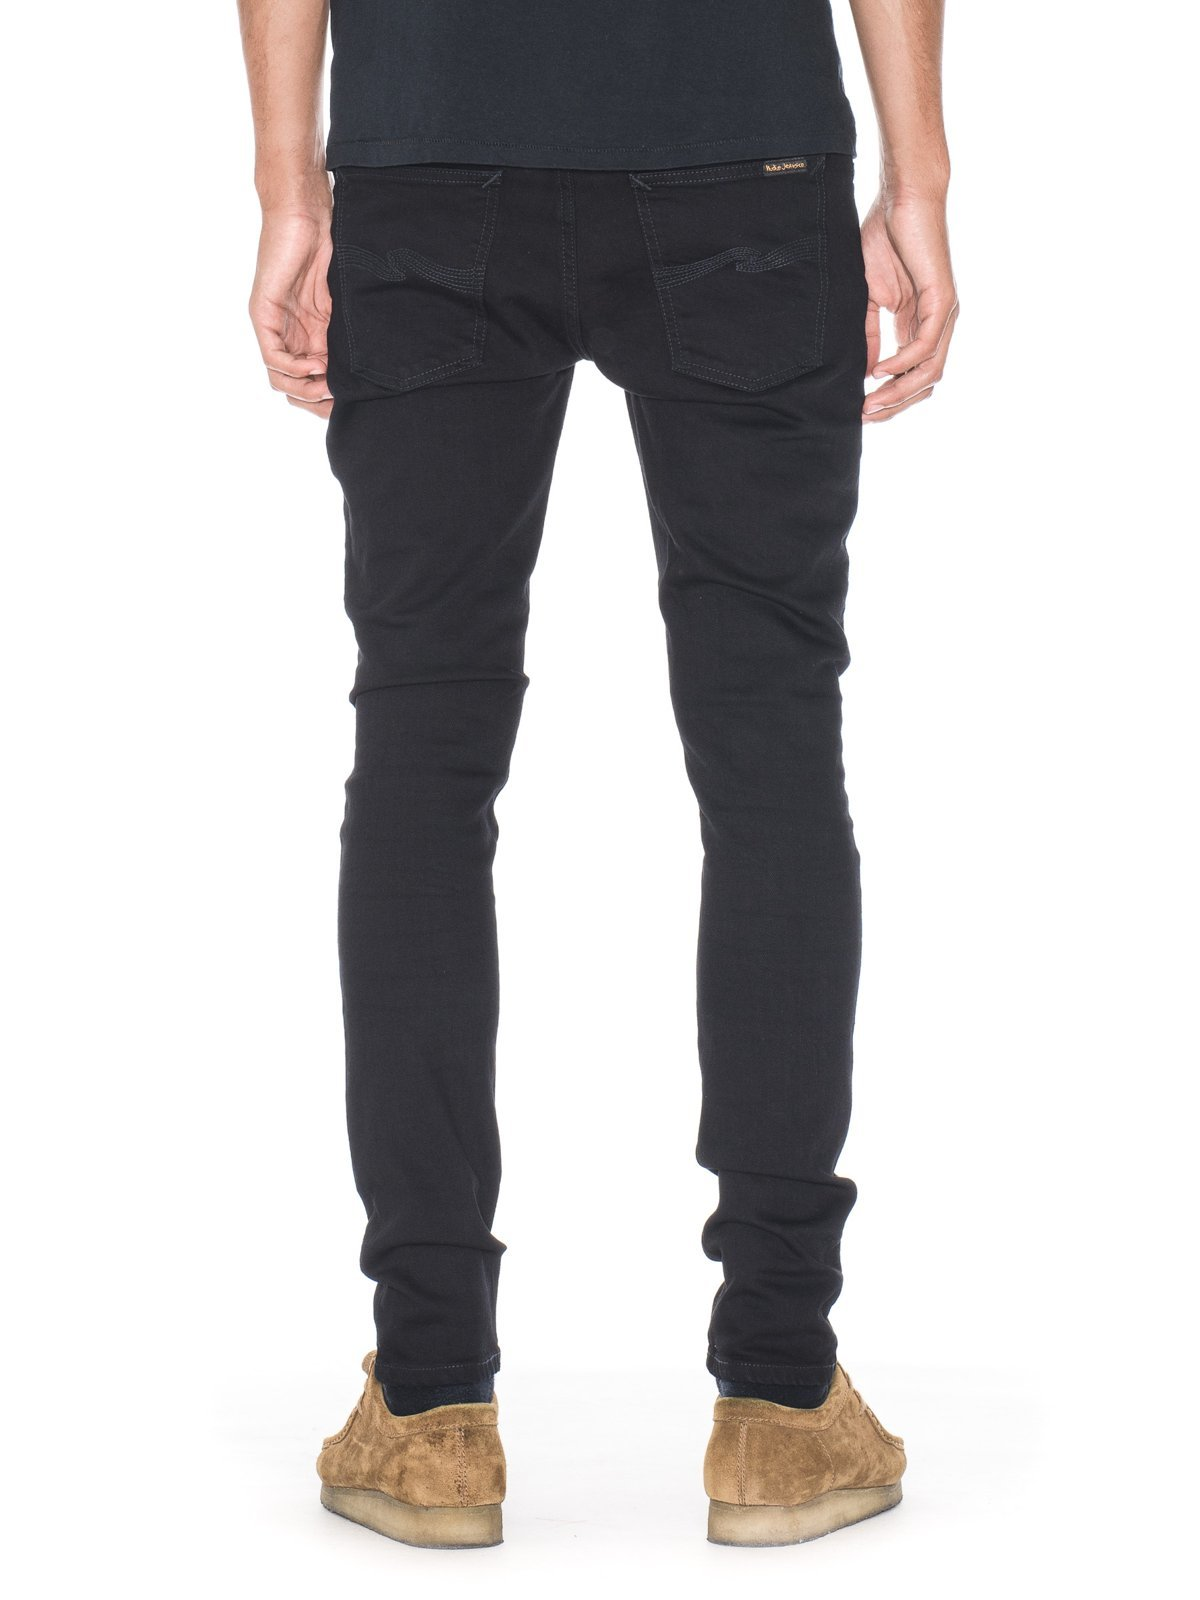 Nudie Jeans - BLACK SKINNY_b0121563_12573045.jpg